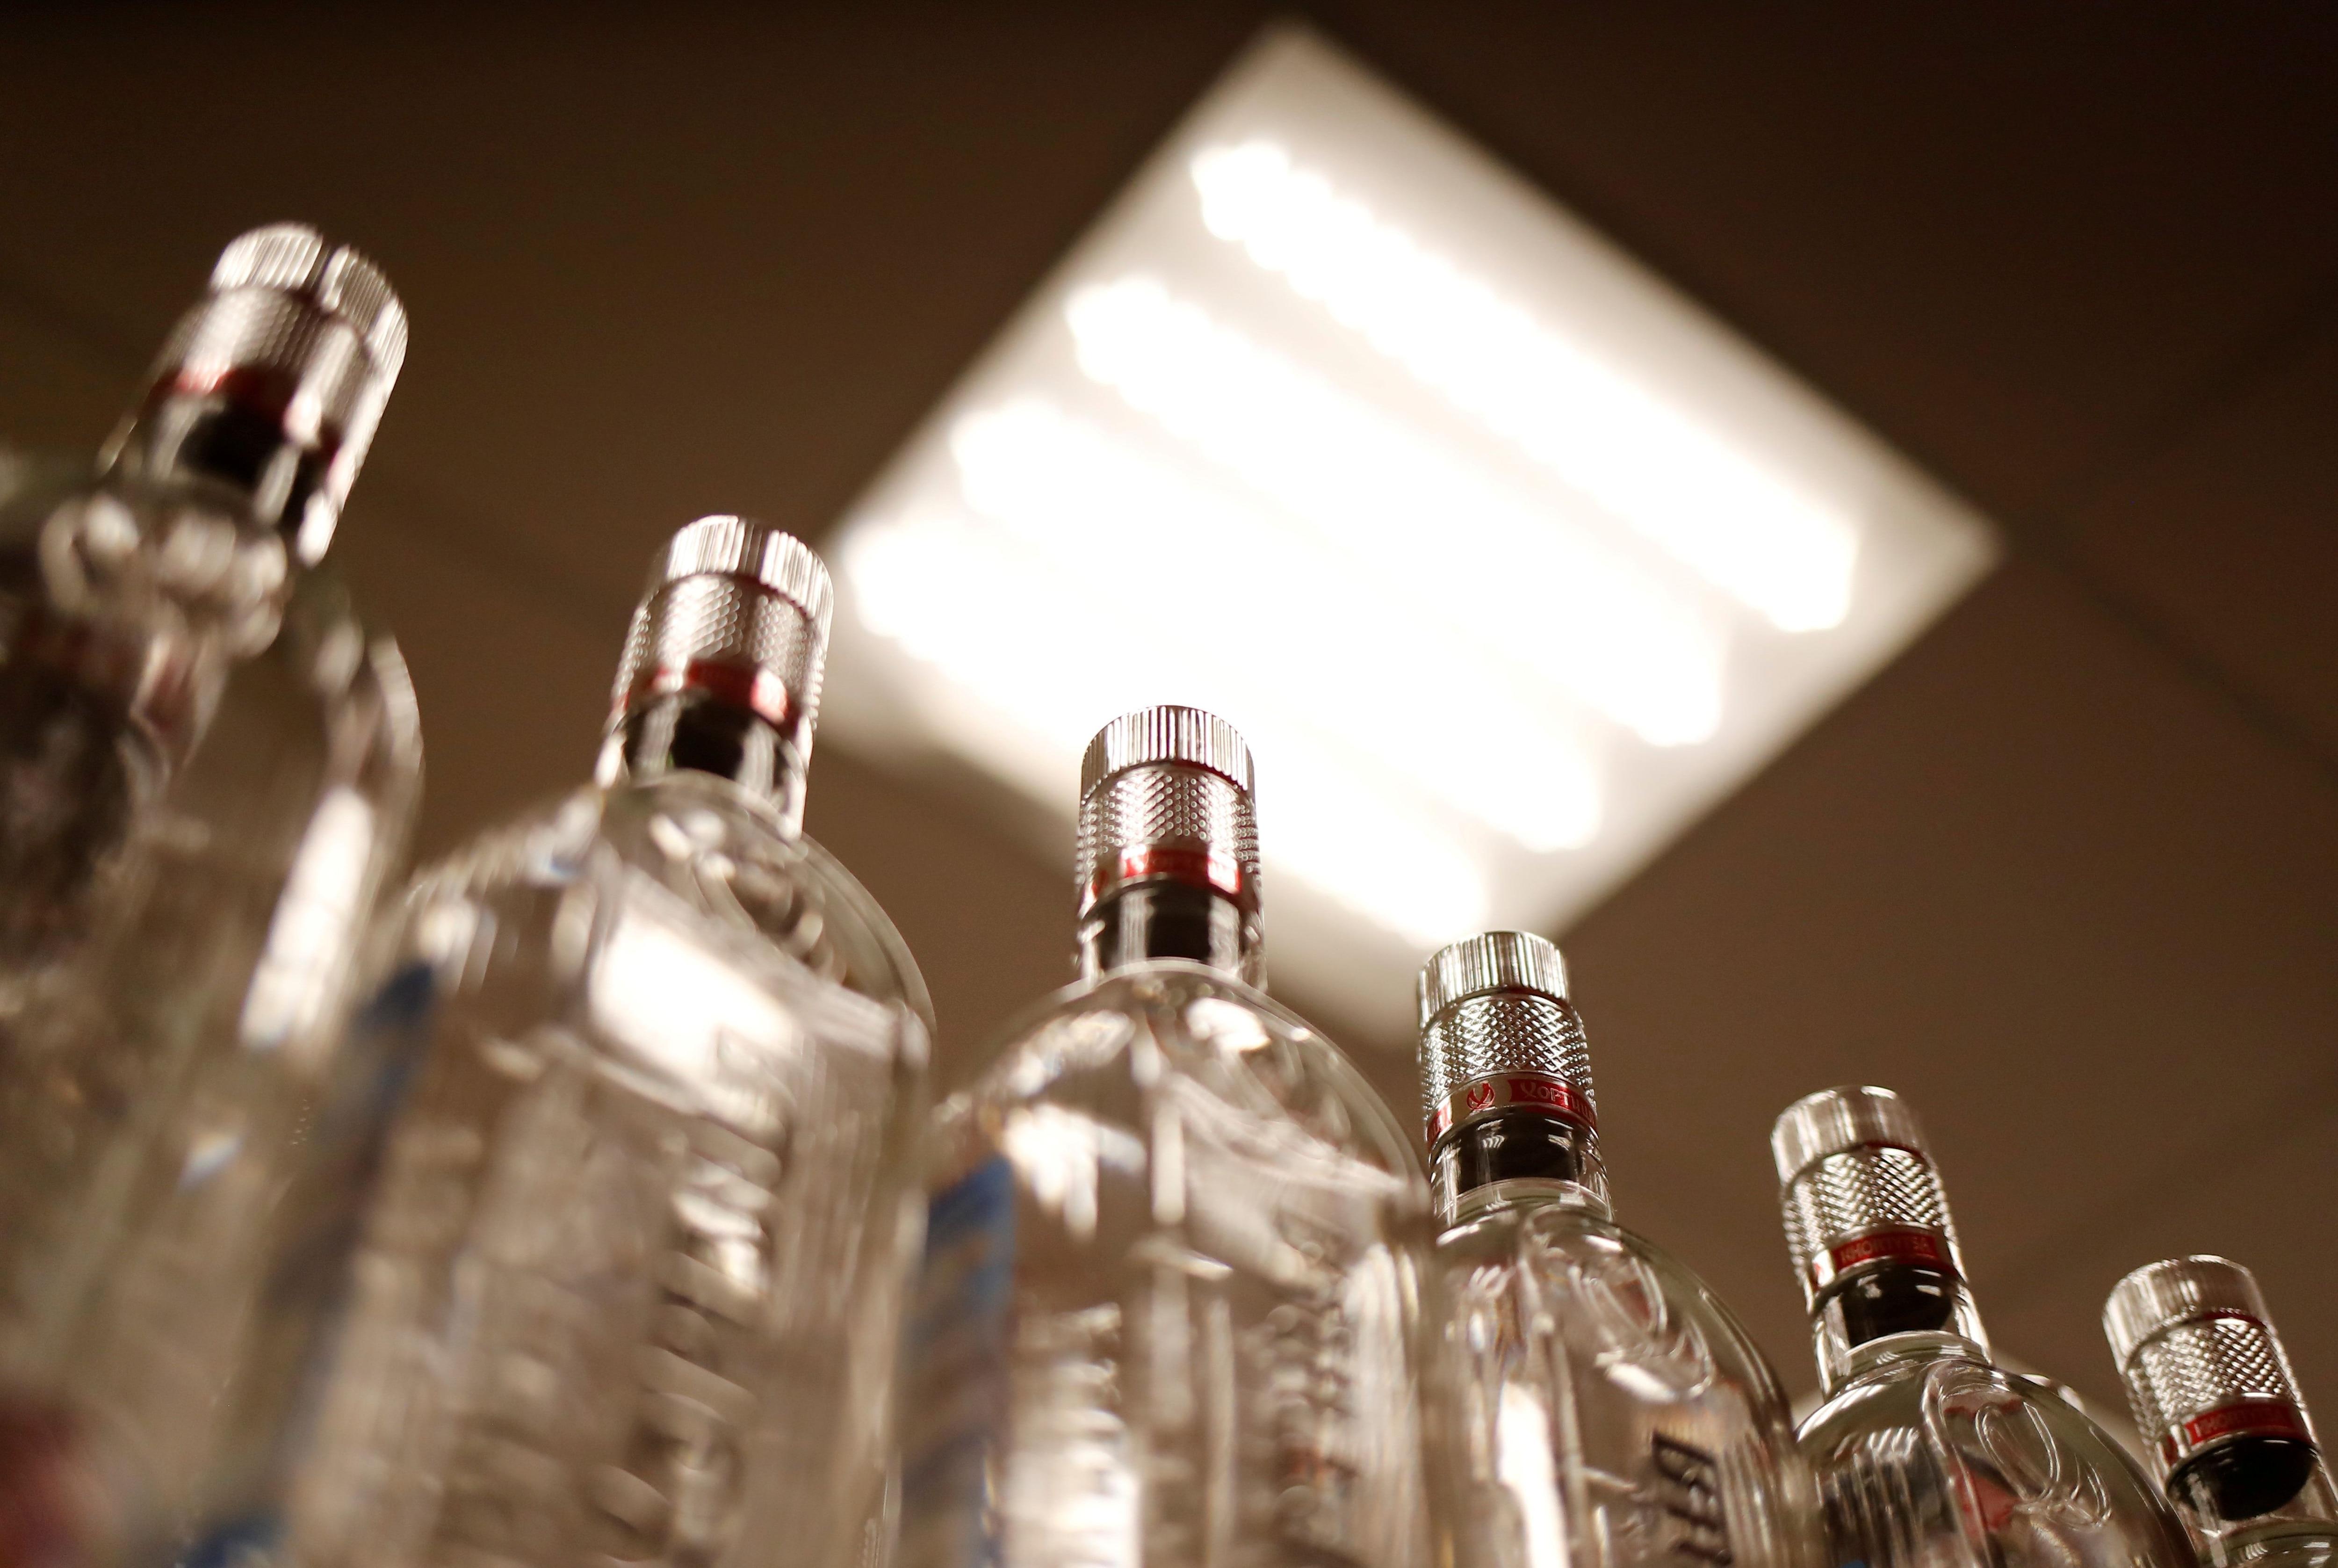 Expertos recomiendan evitar el consumo de alcohol al momento de la vacunación contra el COVID-19 (REUTERS/Maxim Shemetov/File Photo)